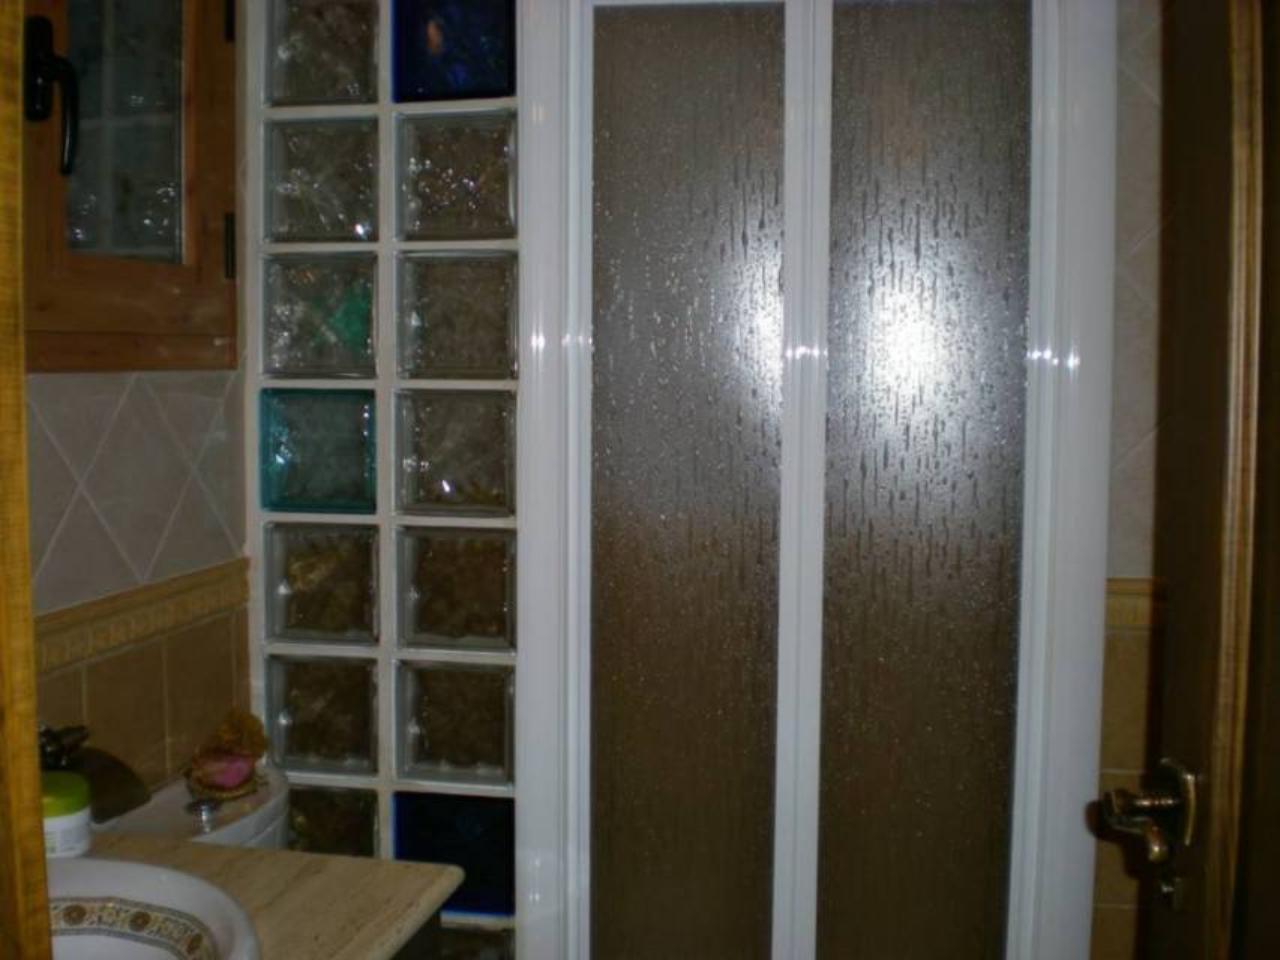 Alfincas D Plex En Venta En Bigastro Por 109 500 00180 # Muebles Bigastro